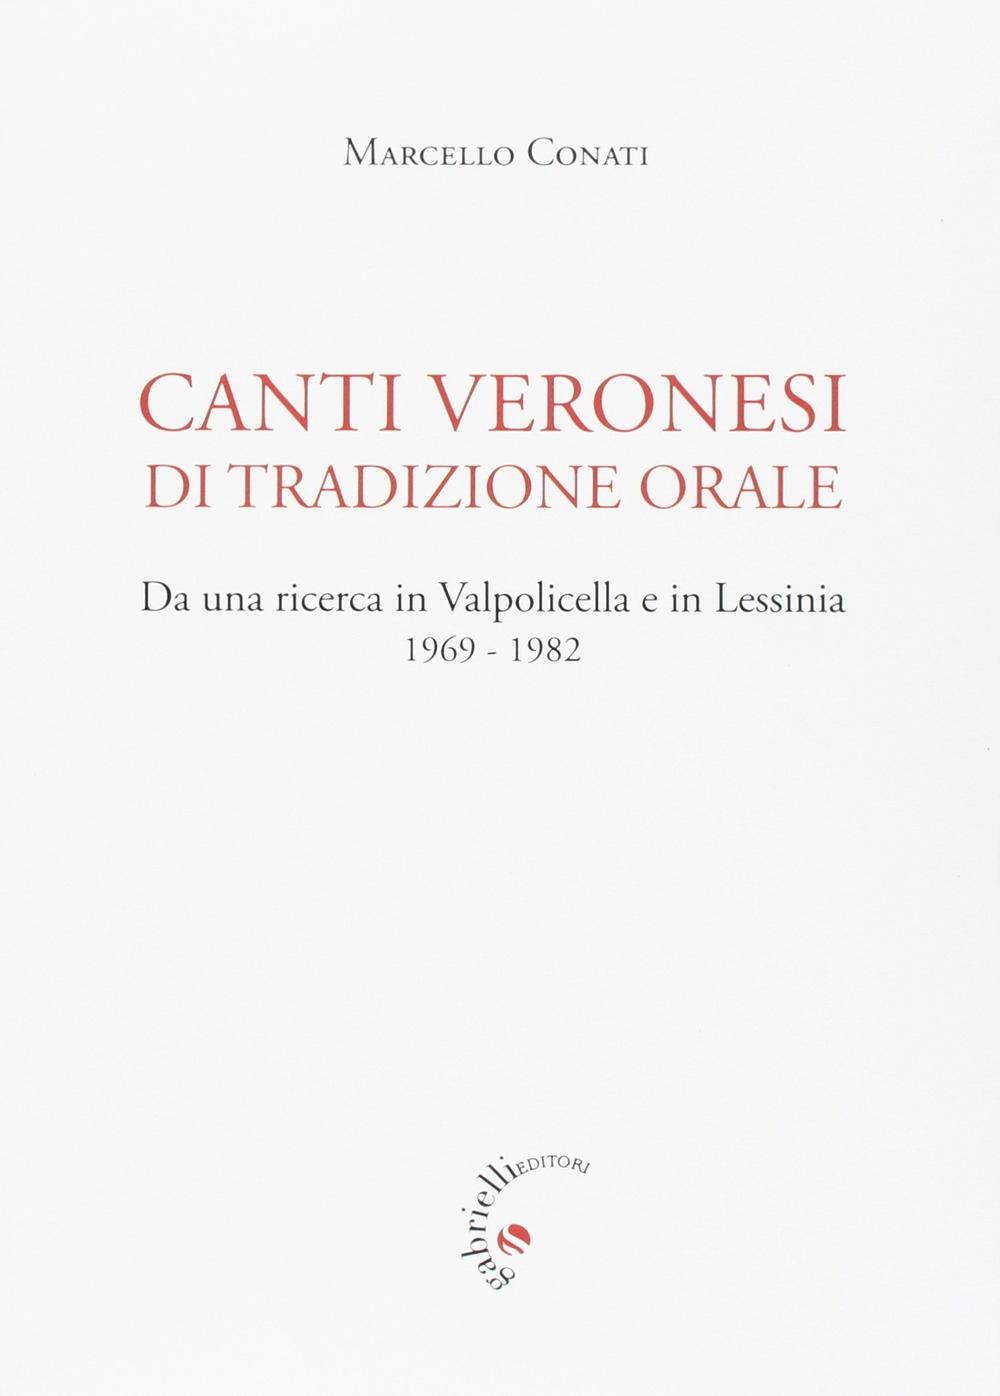 Canti veronesi di tradizione orale. Da una ricerca in Valpolicella e Lessinia 1969-1982